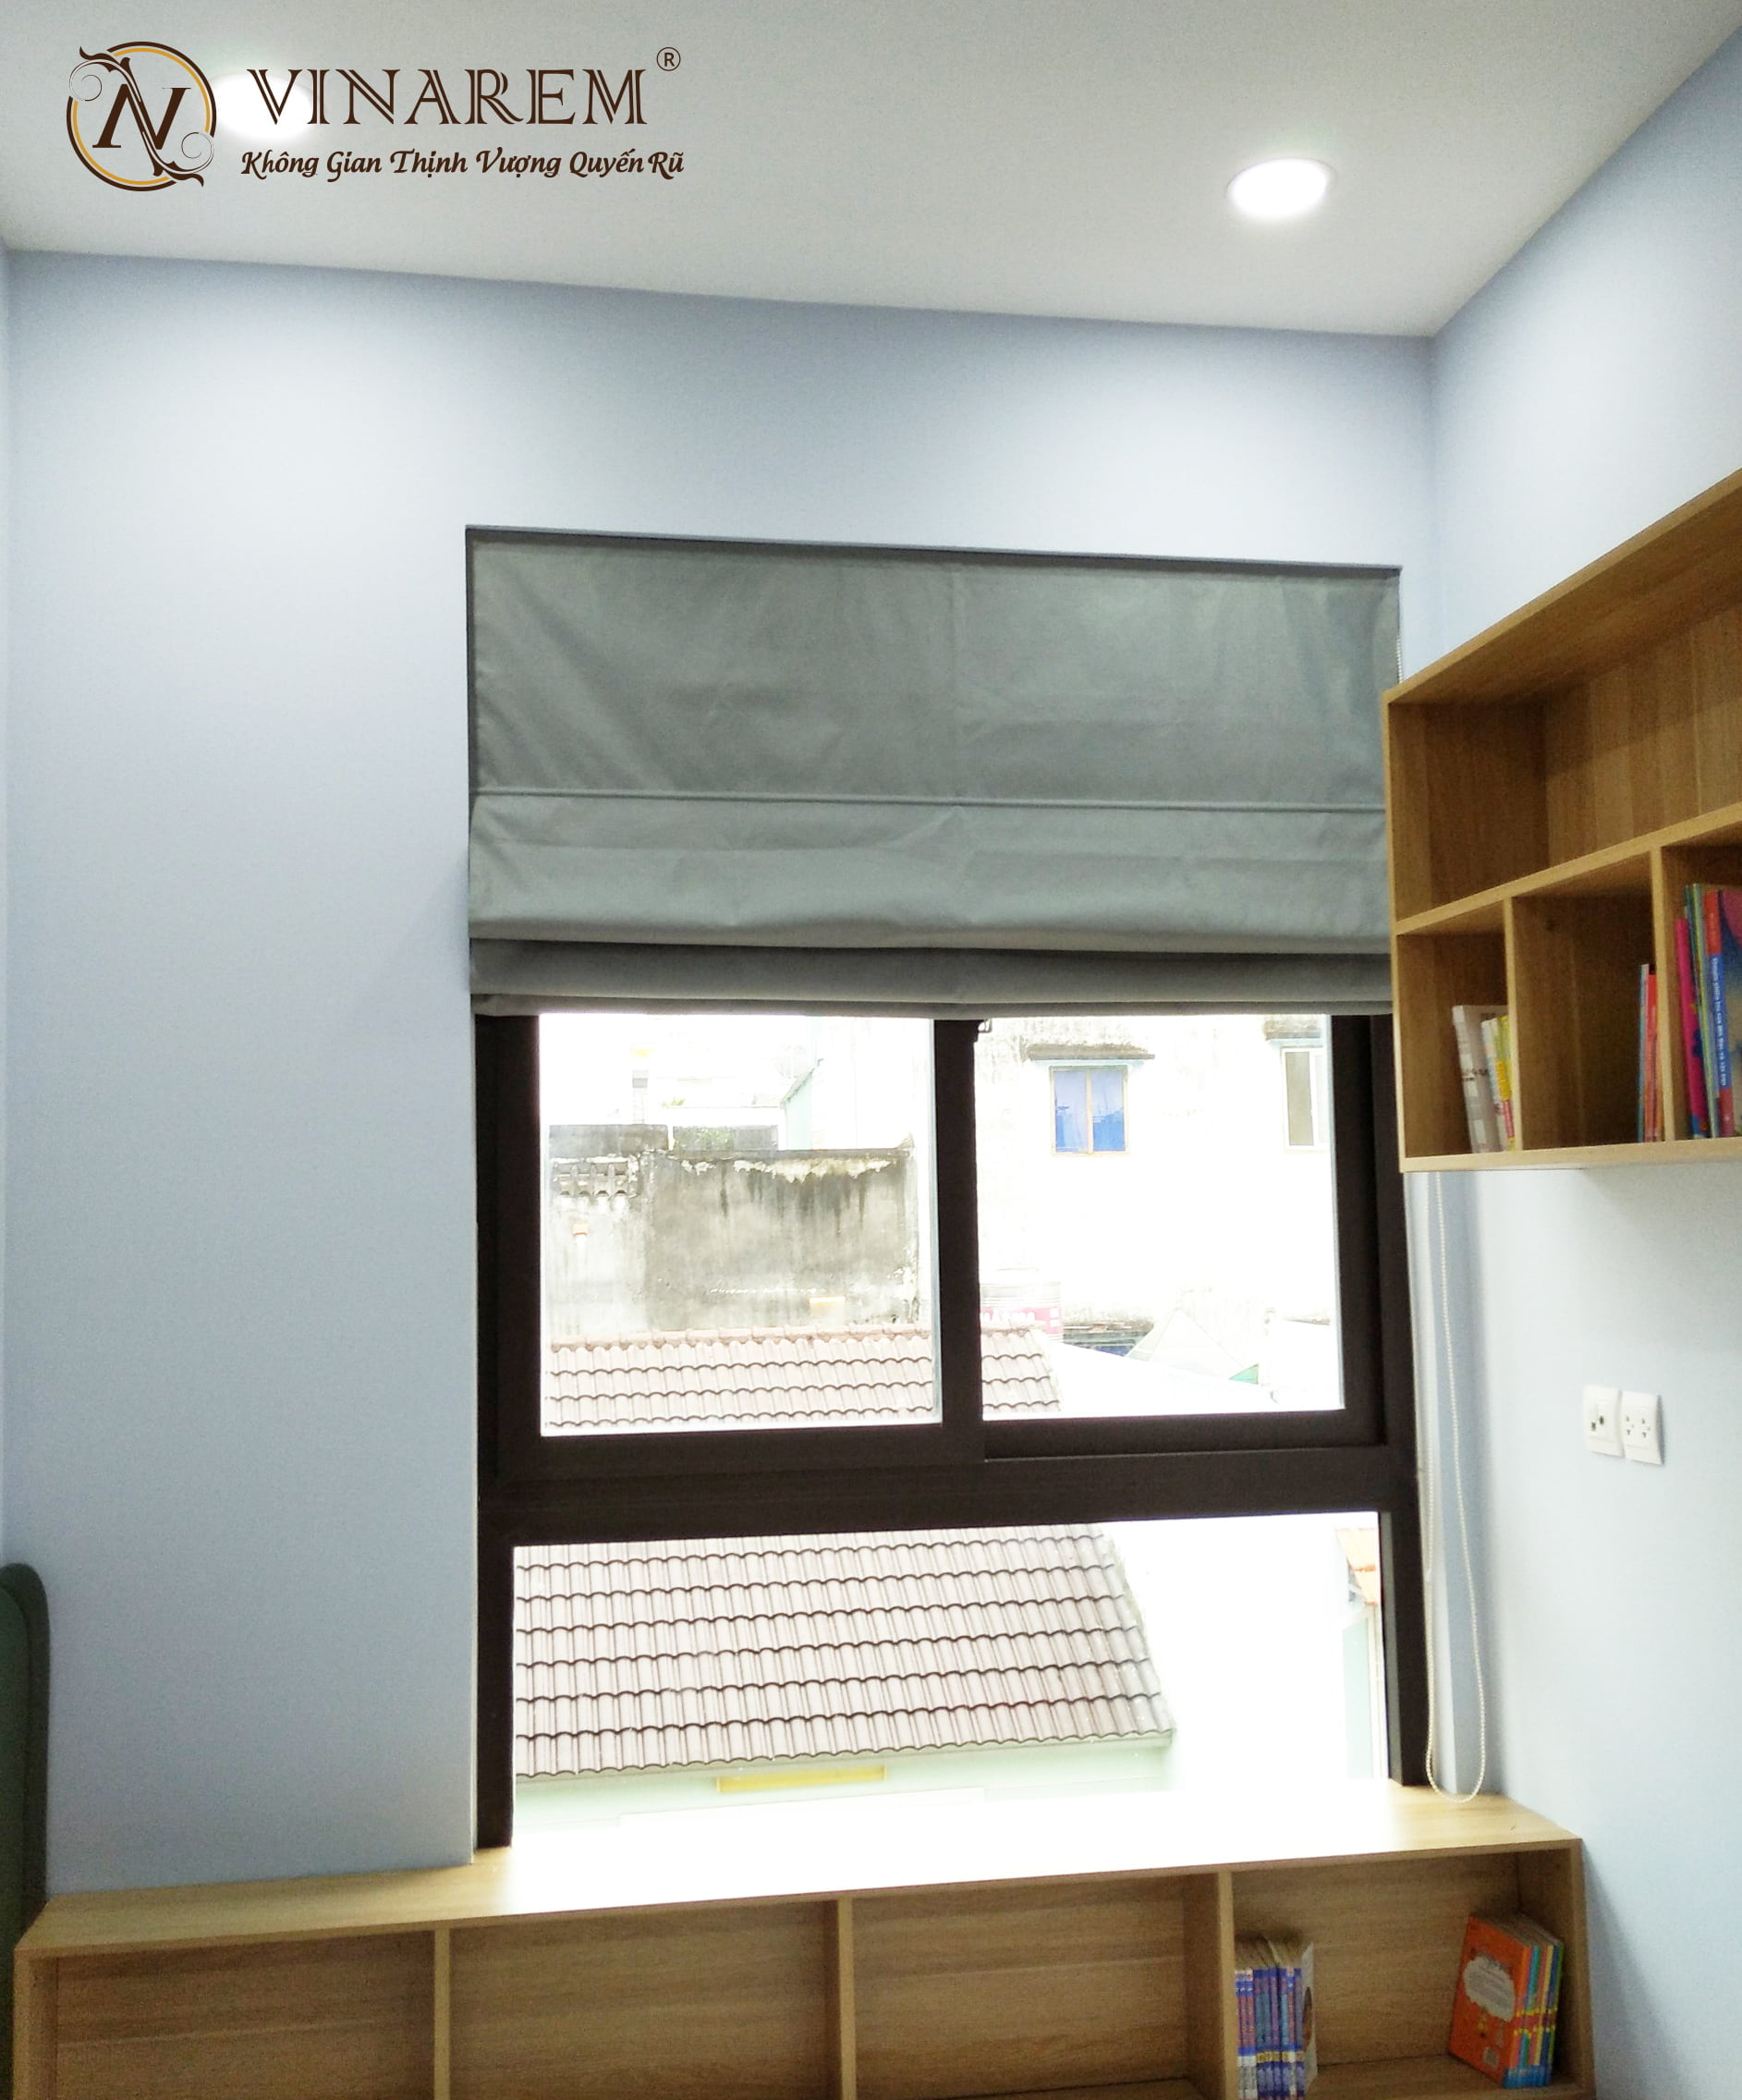 Rèm roman màu trắng ngà cao cấp cho cửa sổ